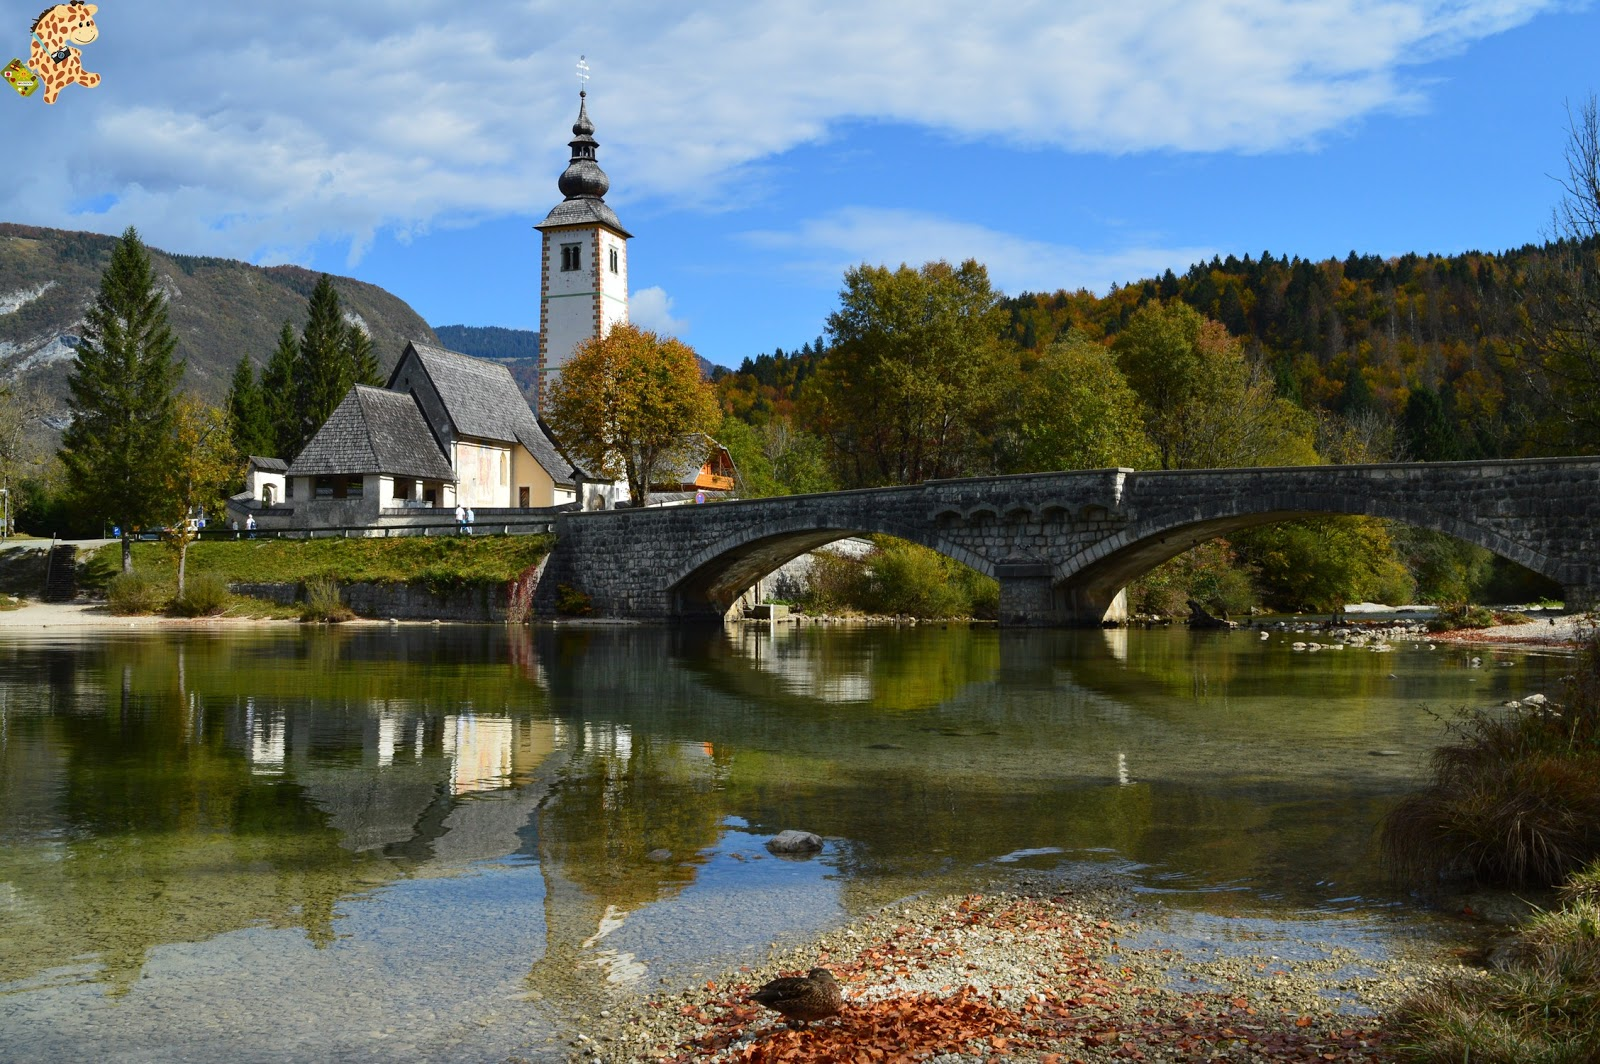 esloveniaen4dias itinerarioypresupuesto283129 - Eslovenia en 4 días: Itinerario y presupuesto